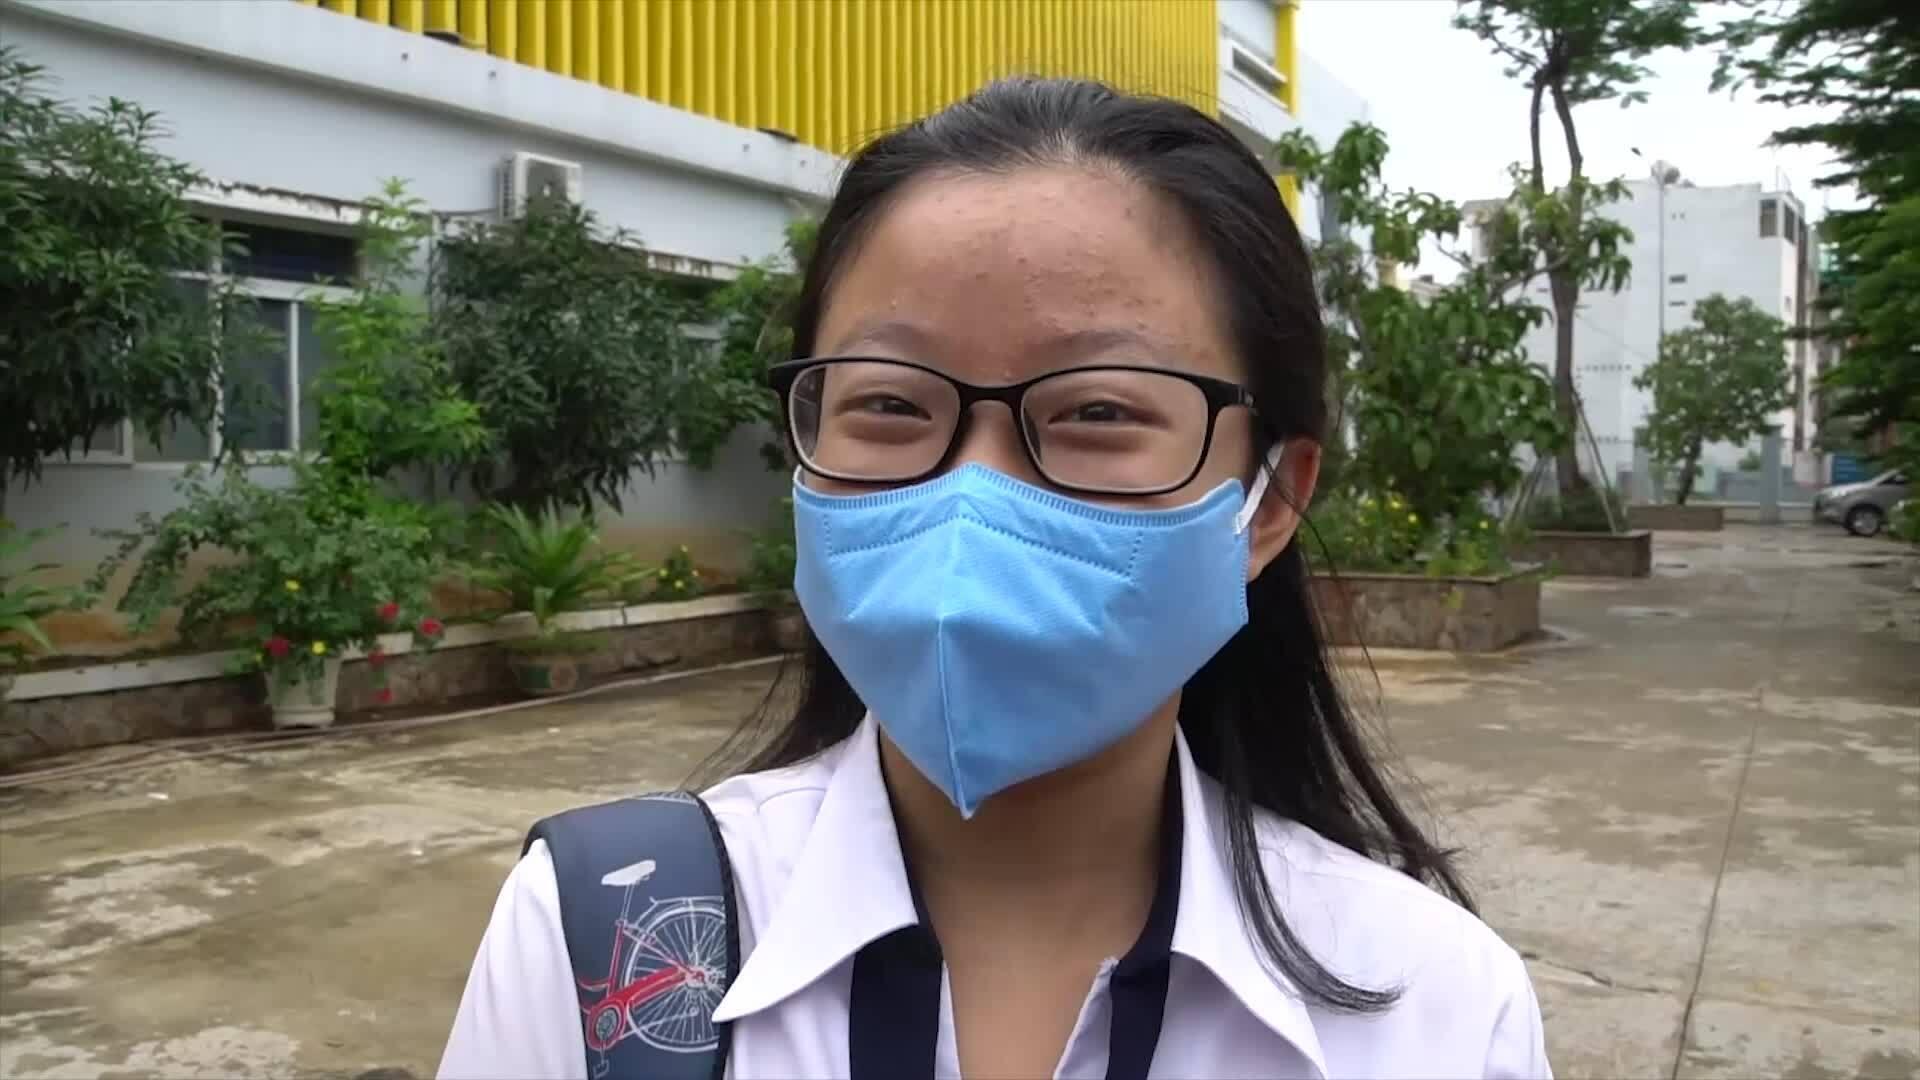 Video thí sinh đánh giá đề thi tổ hợp khoa học tự nhiên